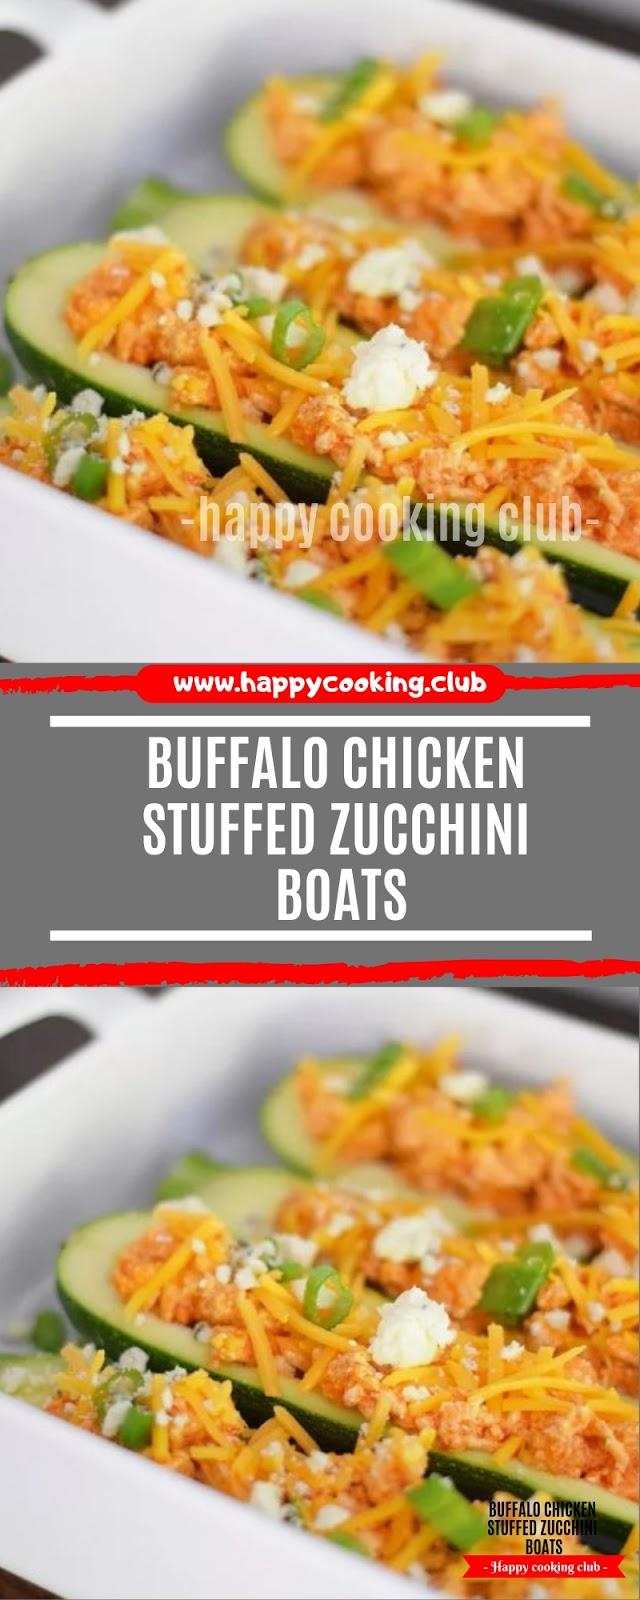 Buffalo Chicken Stuffed Zucchini Boats Recipe